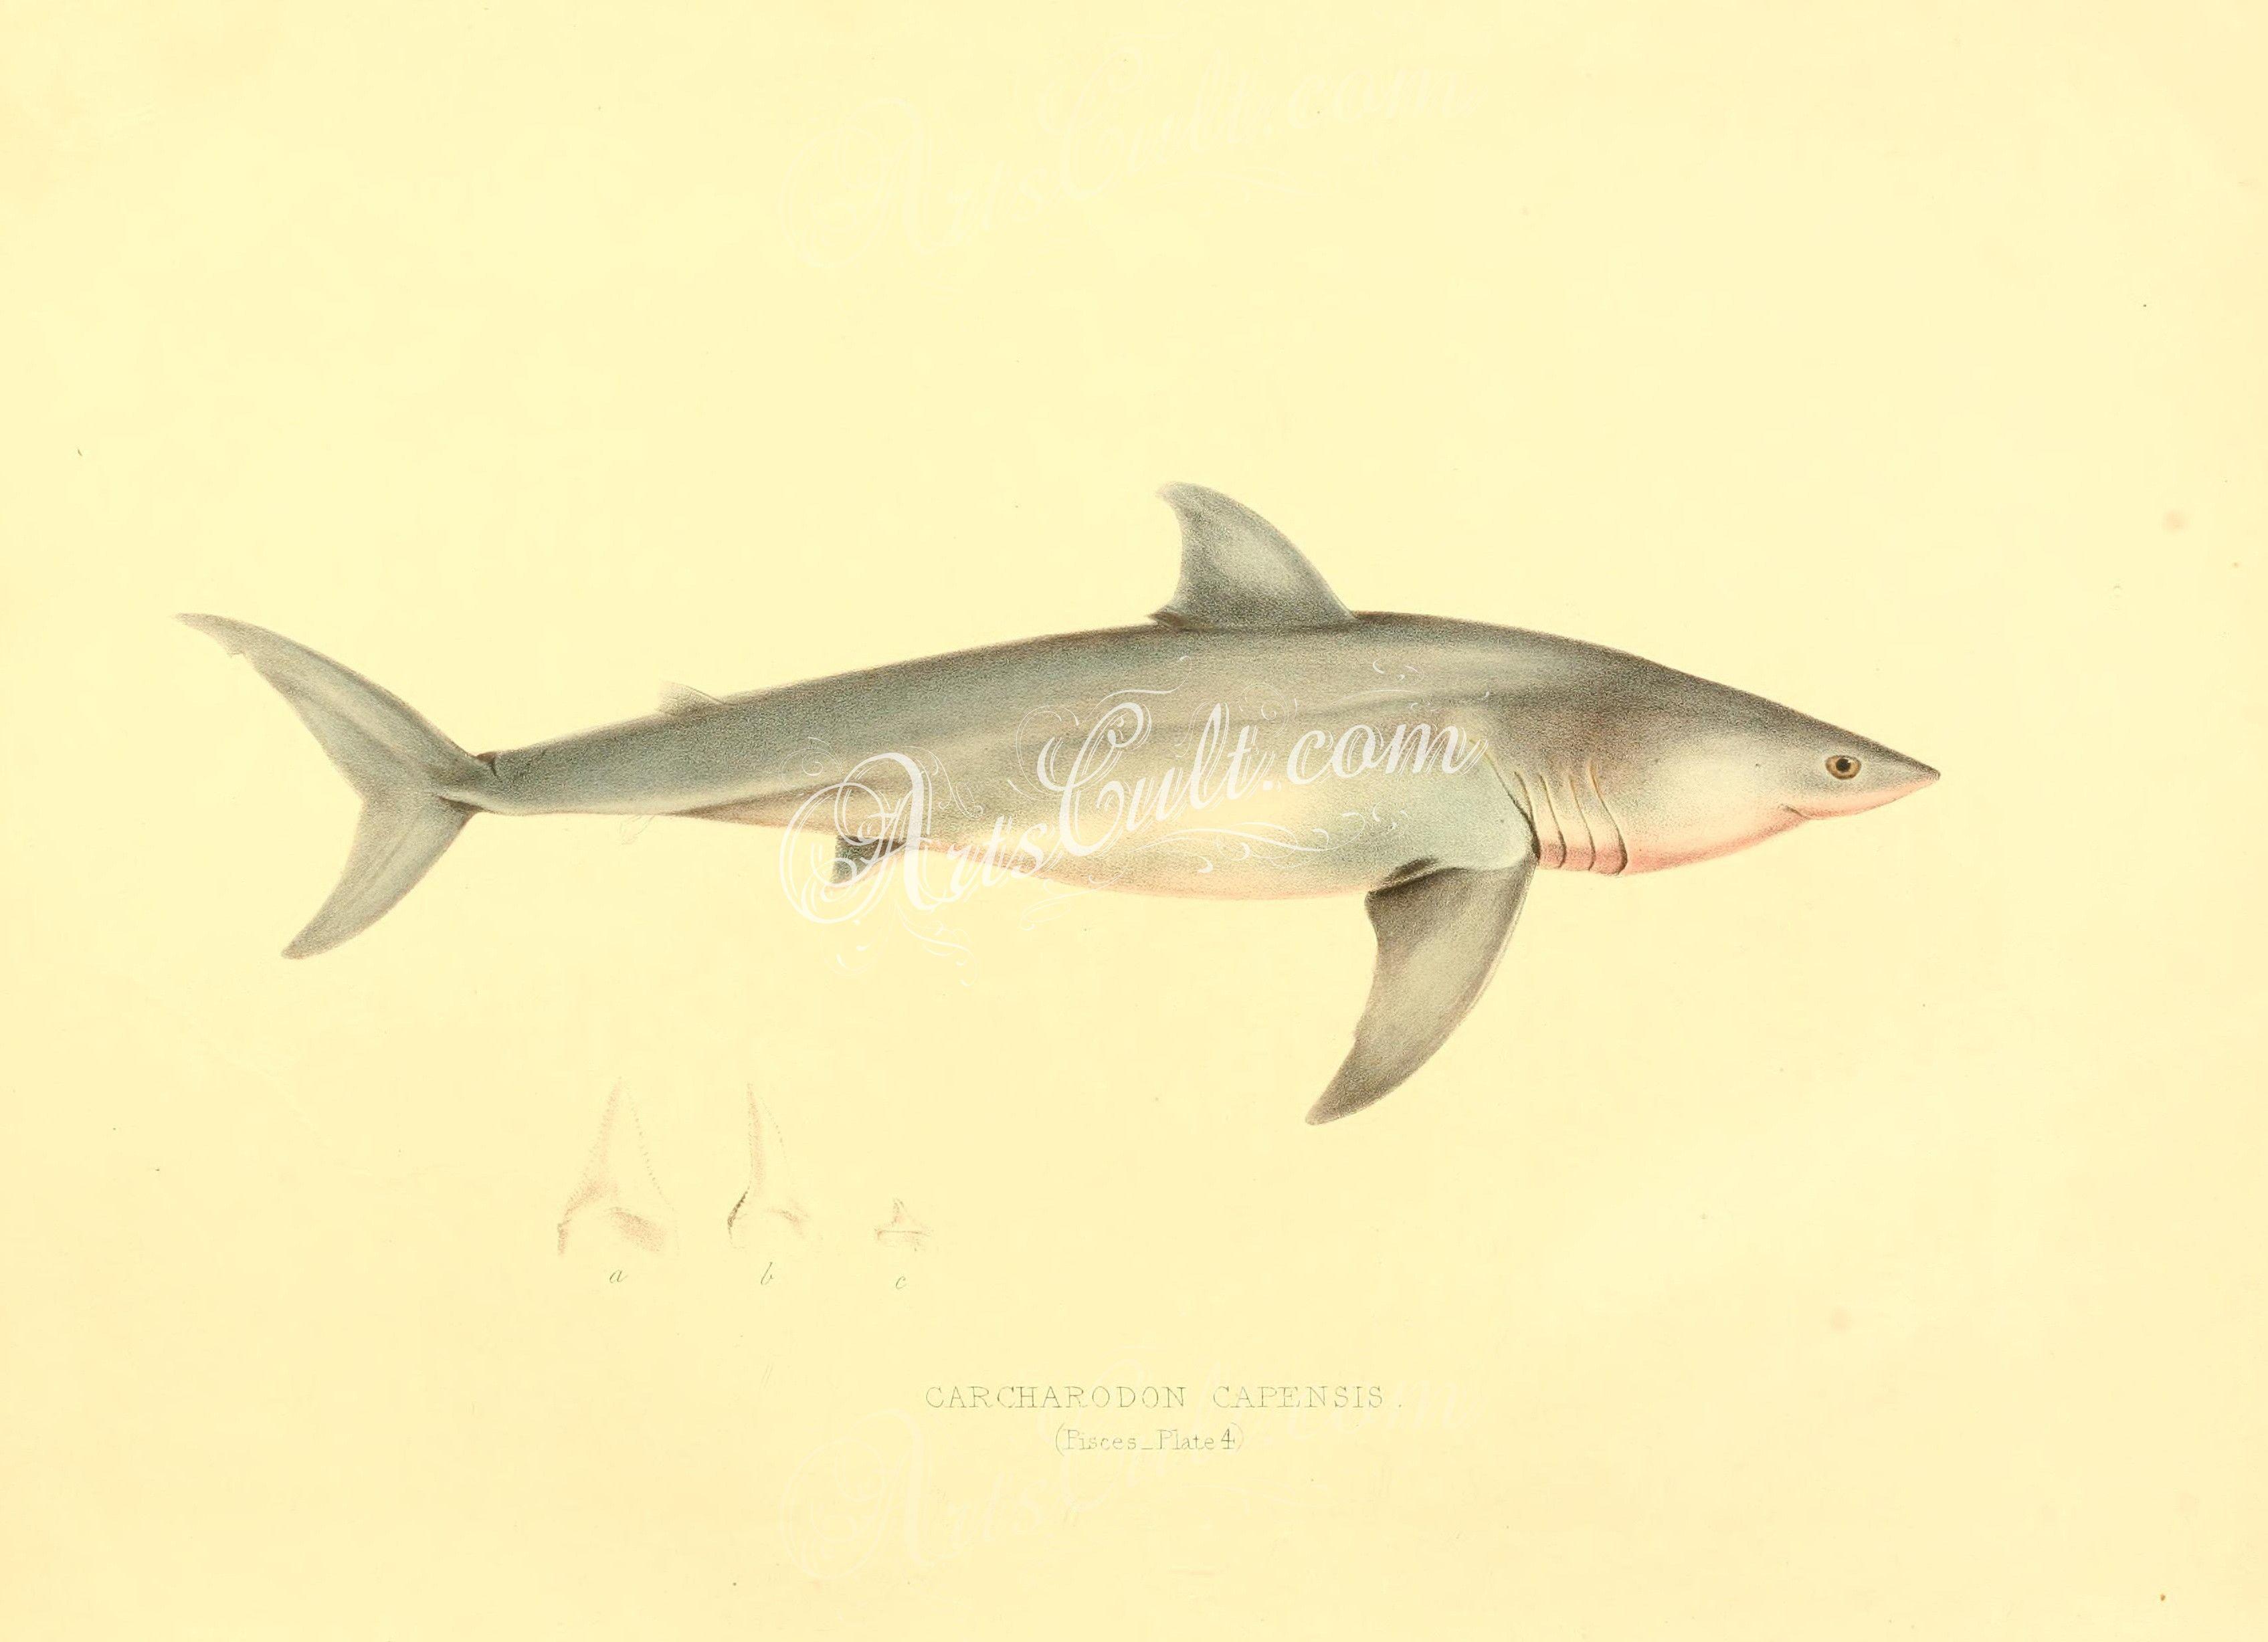 fishes Great White Shark ArtsCult Artscult ArtsCult